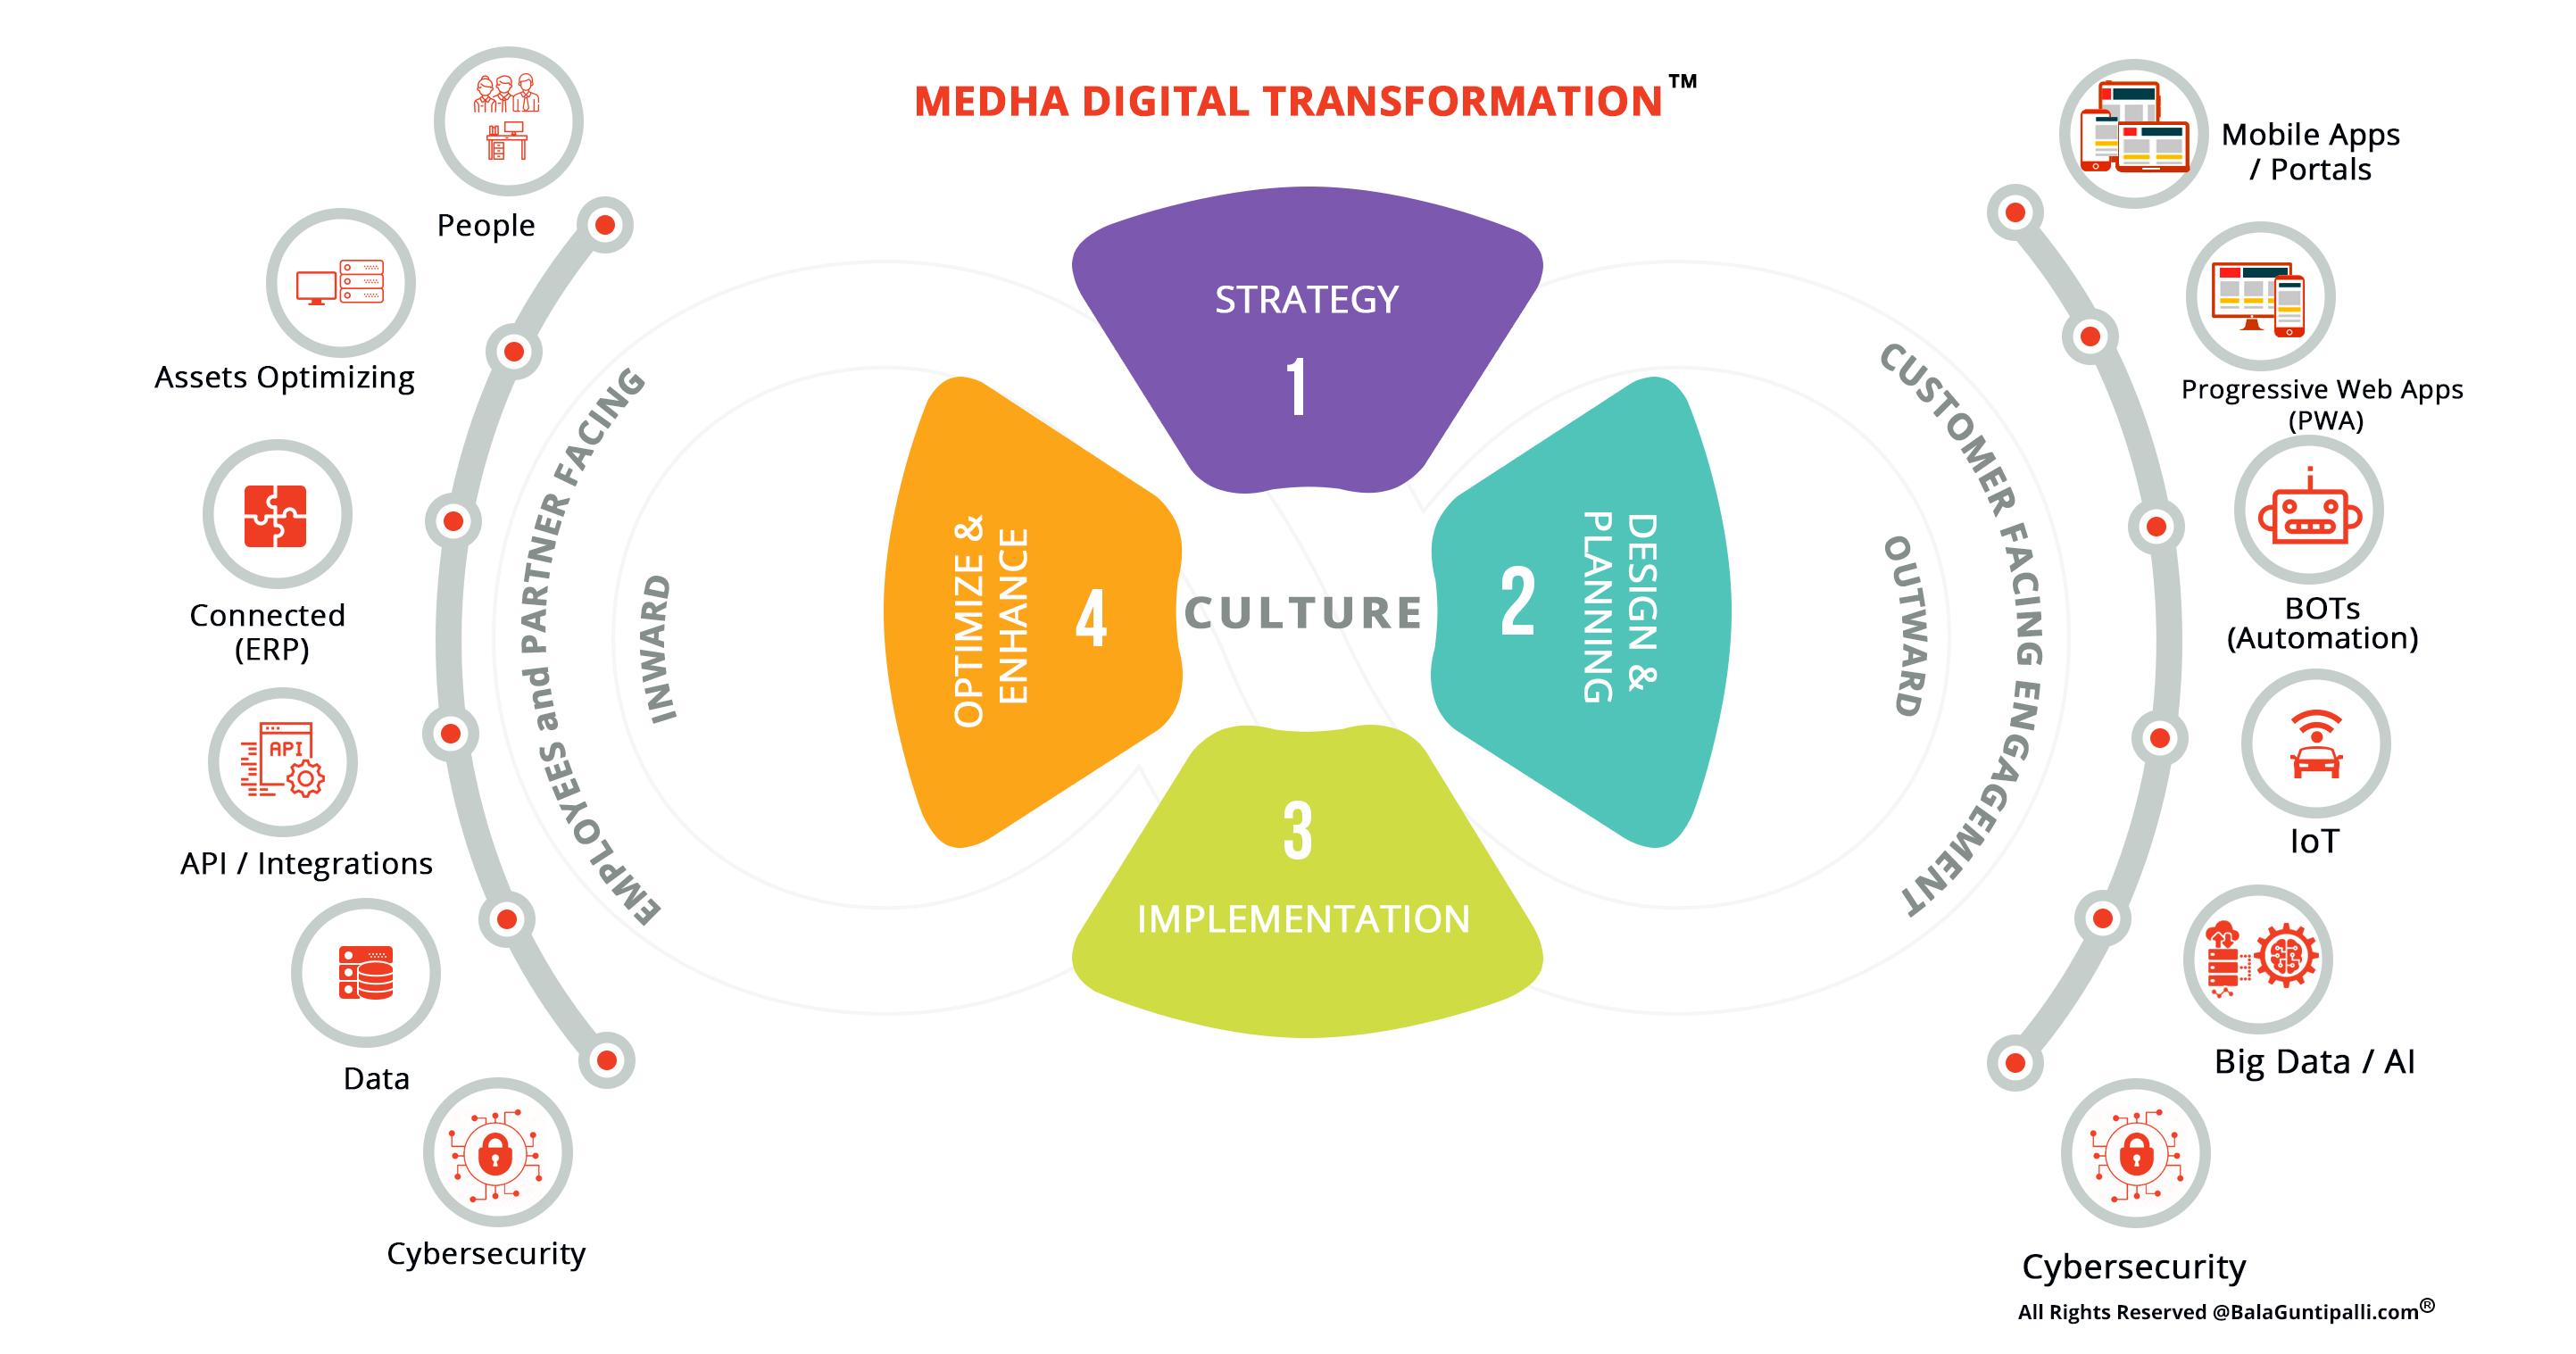 Medha_Digital_Transformation-Sep-7